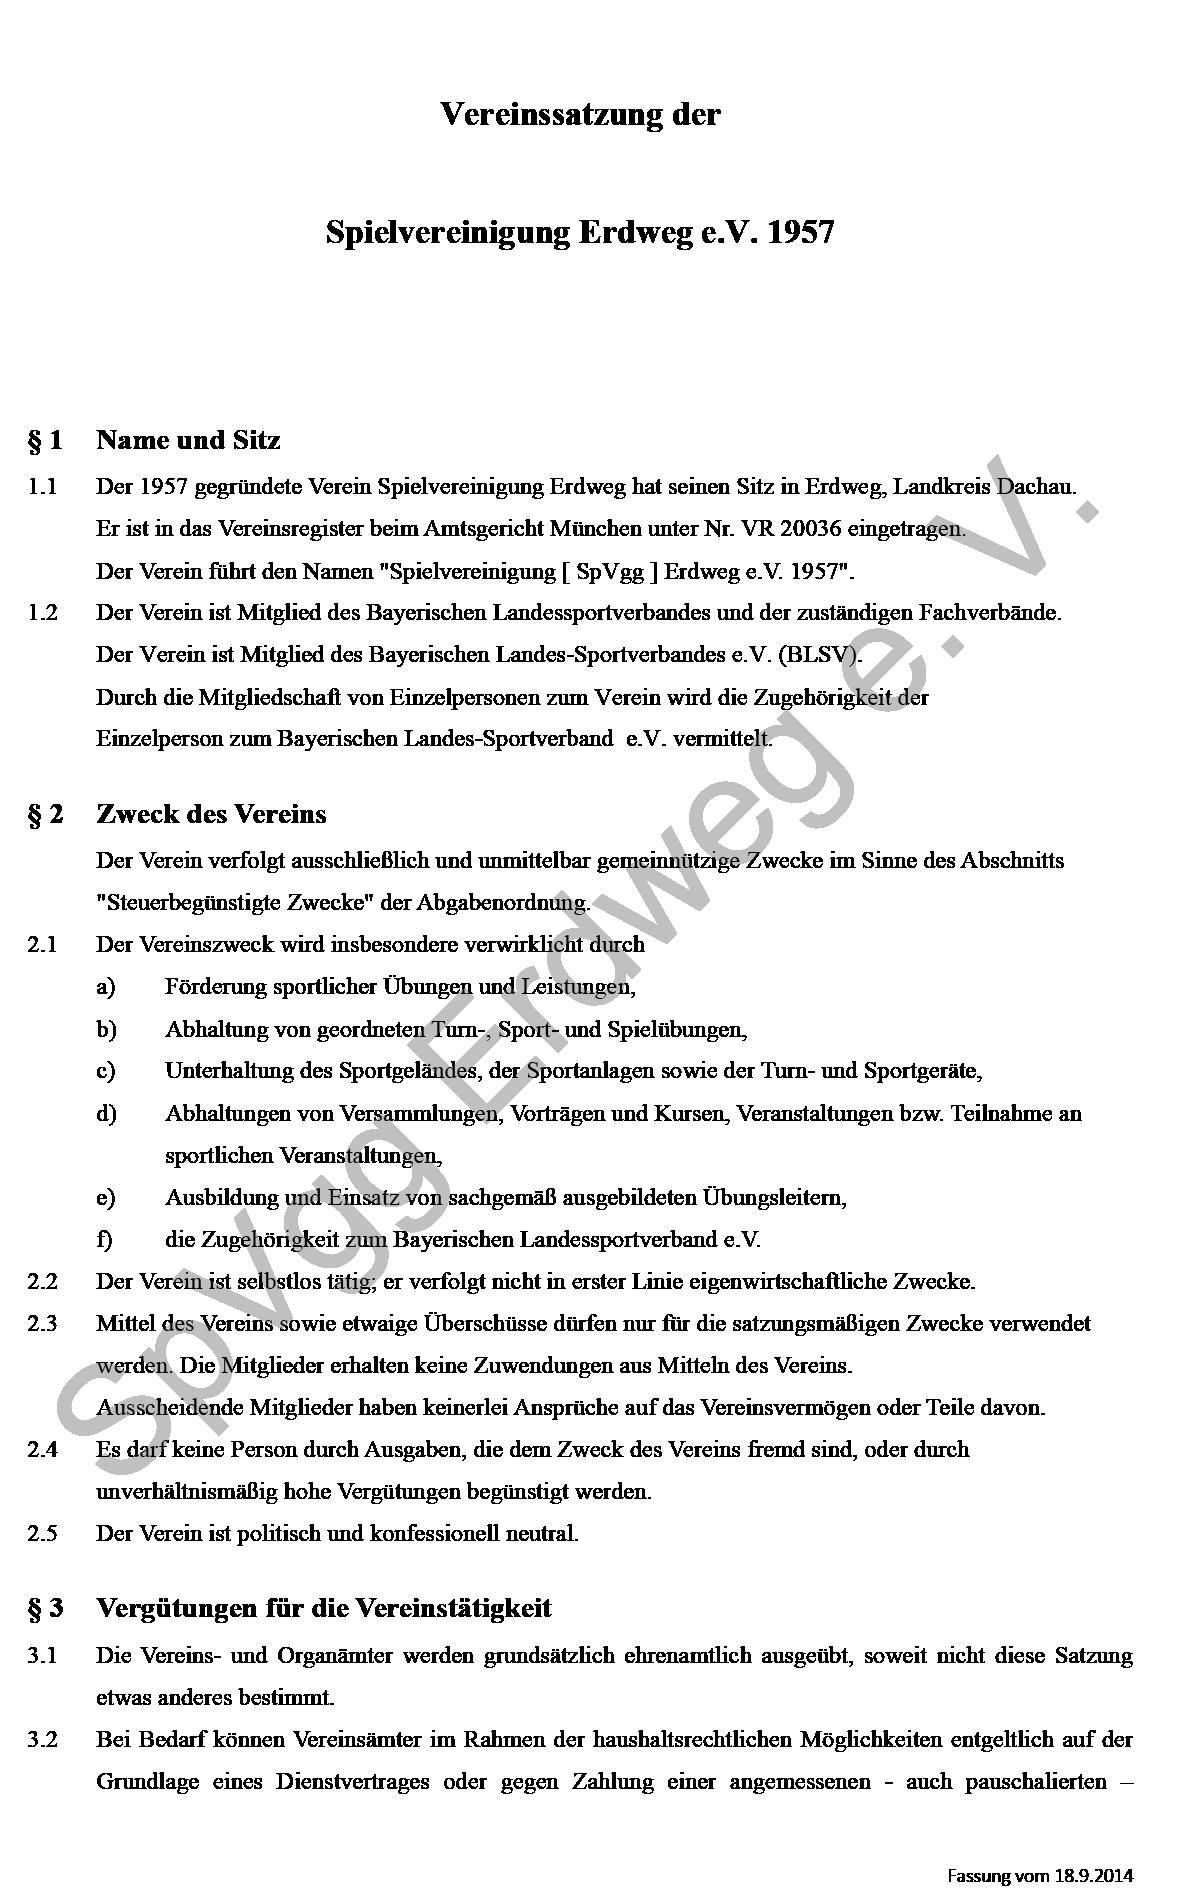 288png - Muster Vereinssatzung